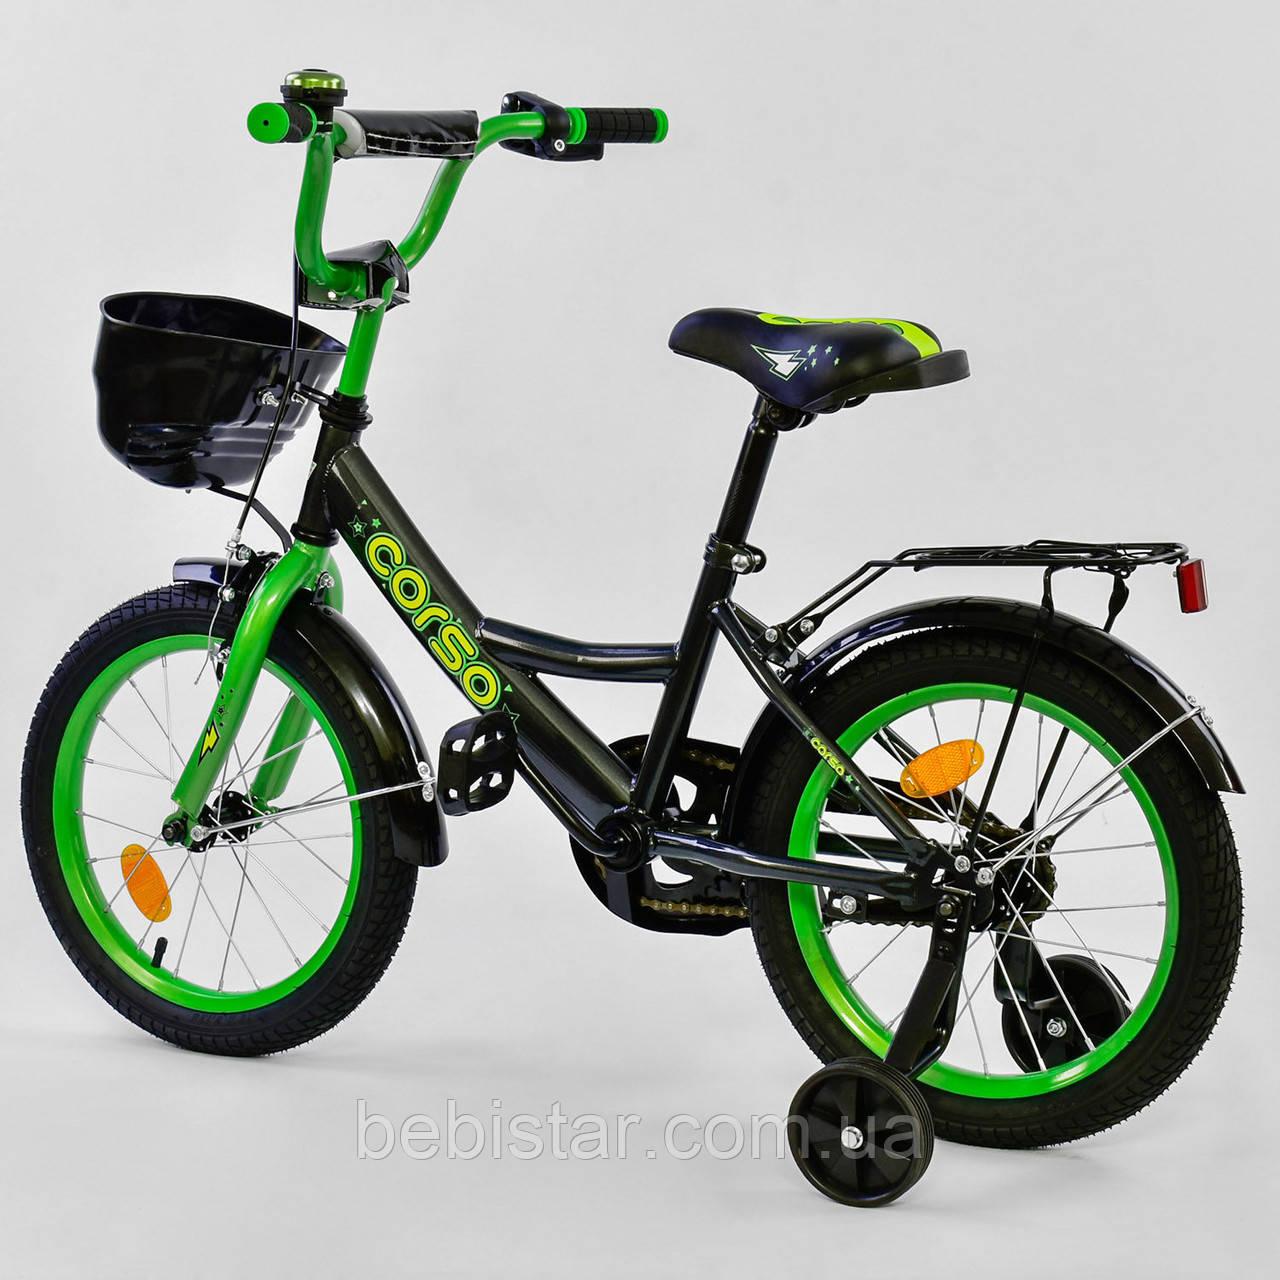 """Двоколісний велосипед чорний, зелений обід з ручним гальмом додаткові колеса Corso 16"""" дітям 4-6 років"""